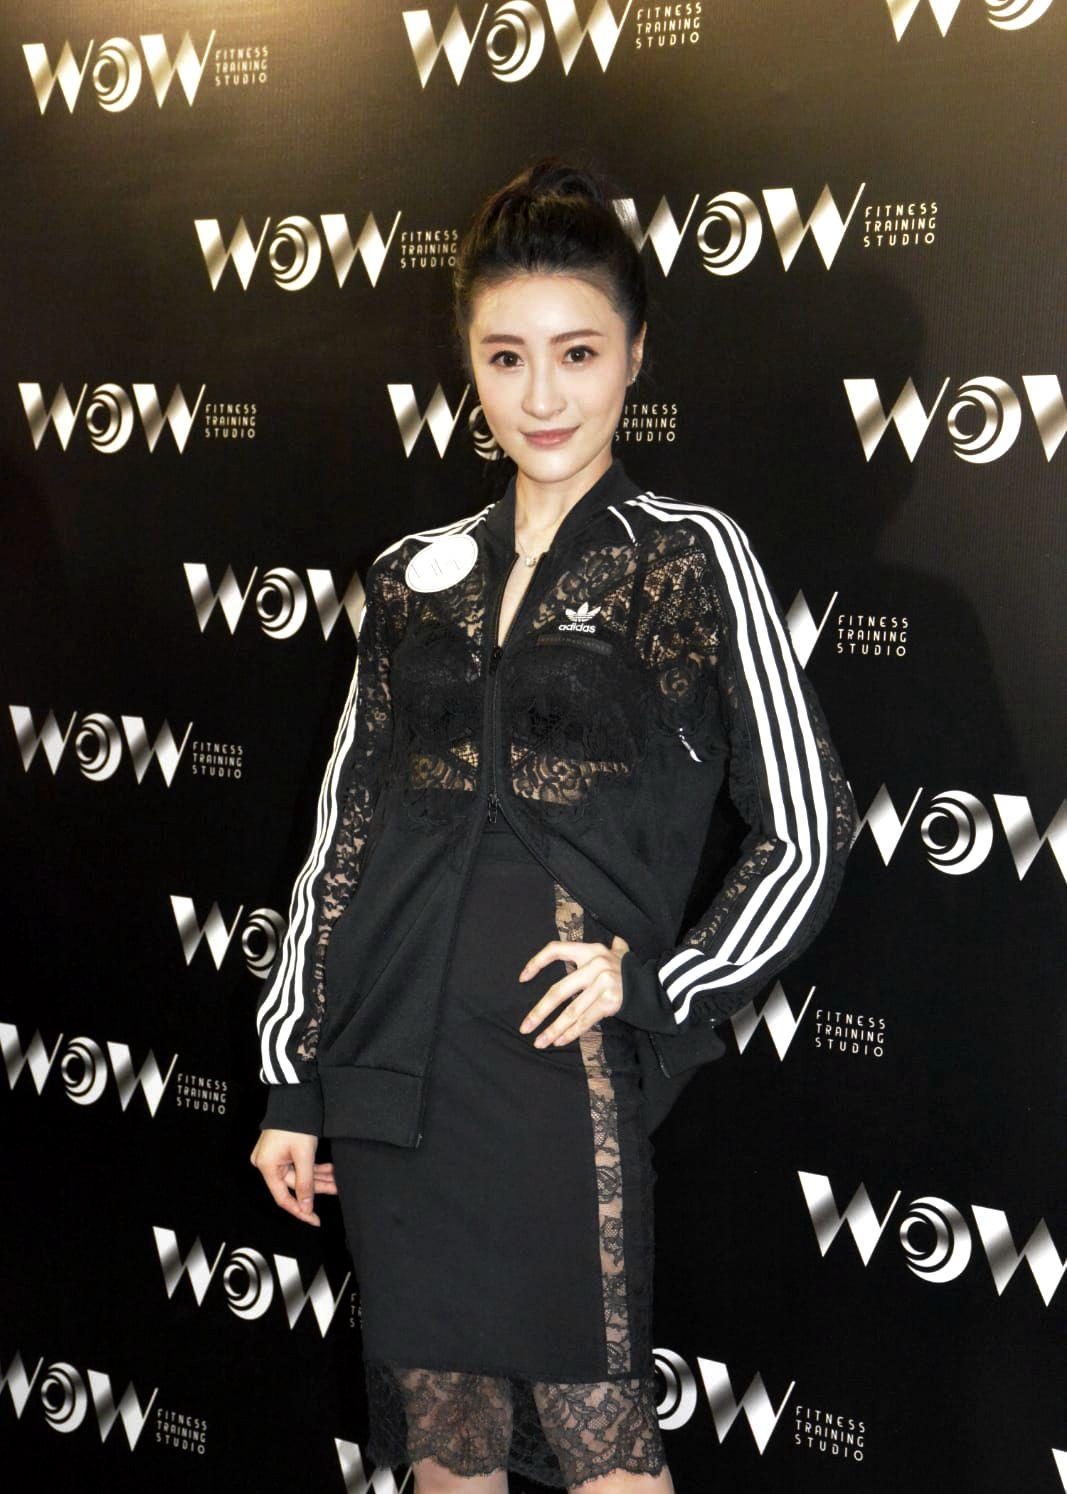 林夏薇出席活动,时尚运动LOOK,阳光健康靓丽动人!